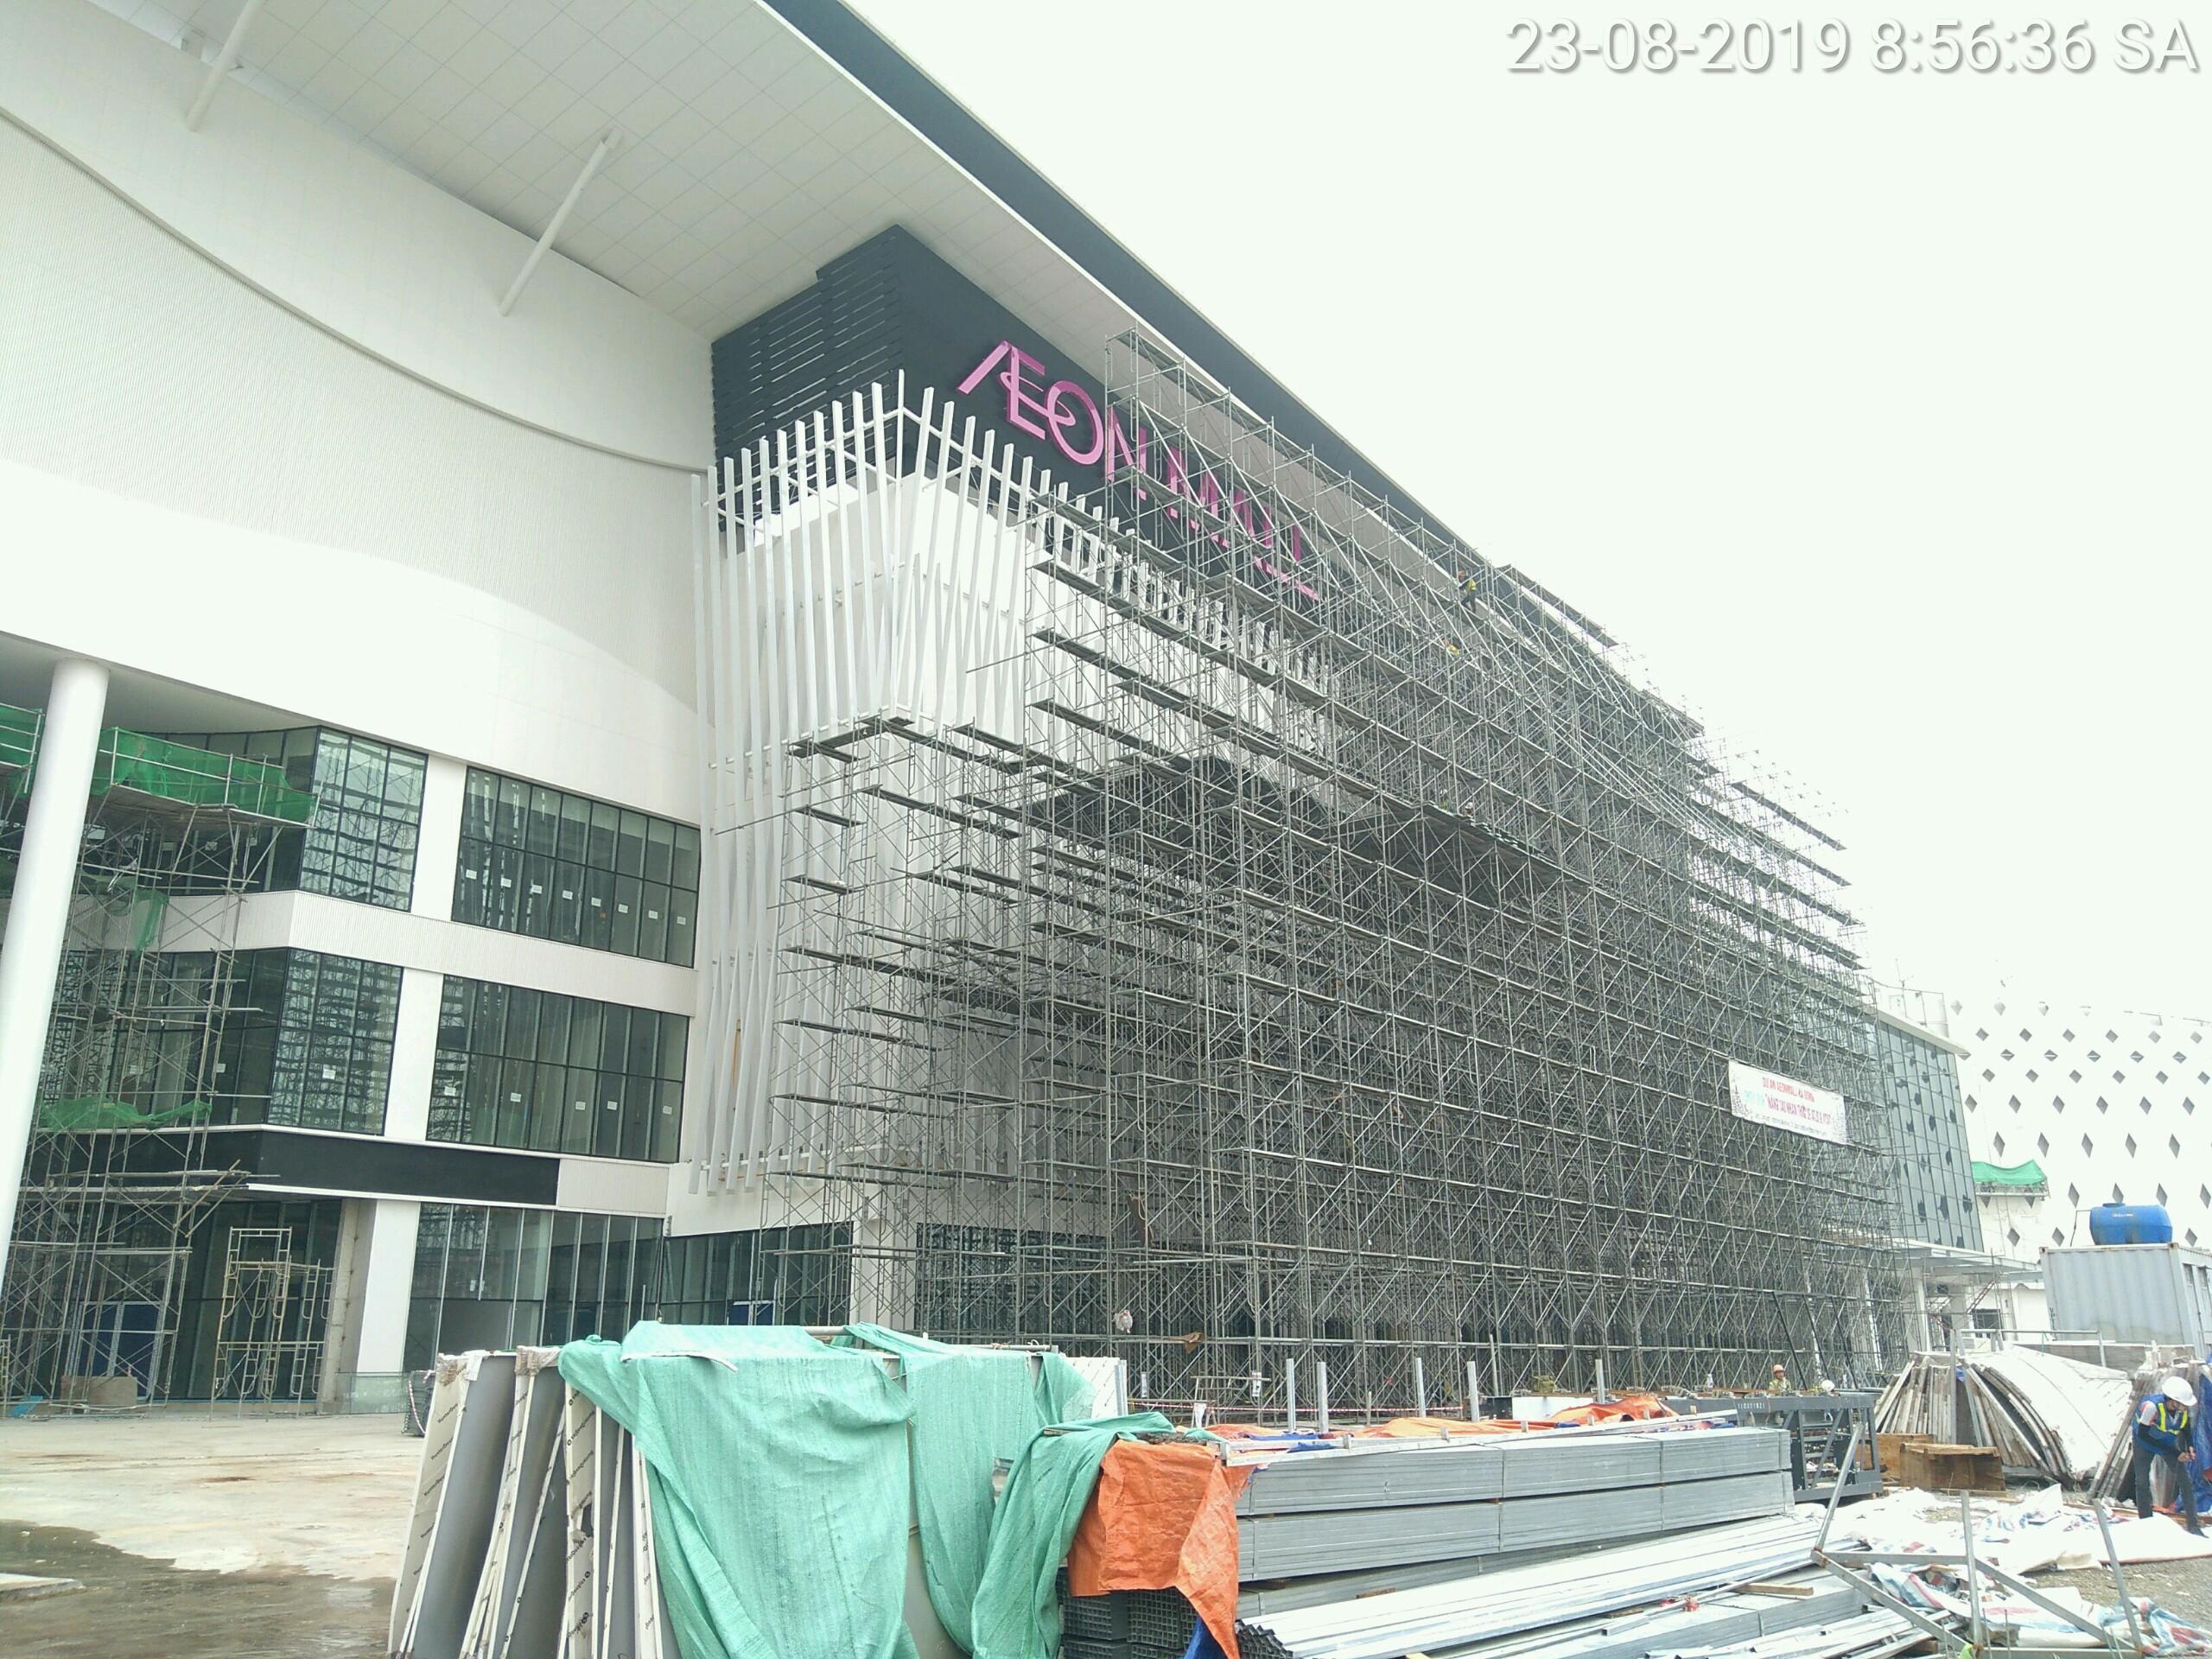 aeon mall Hà Đông lắp đặt 2